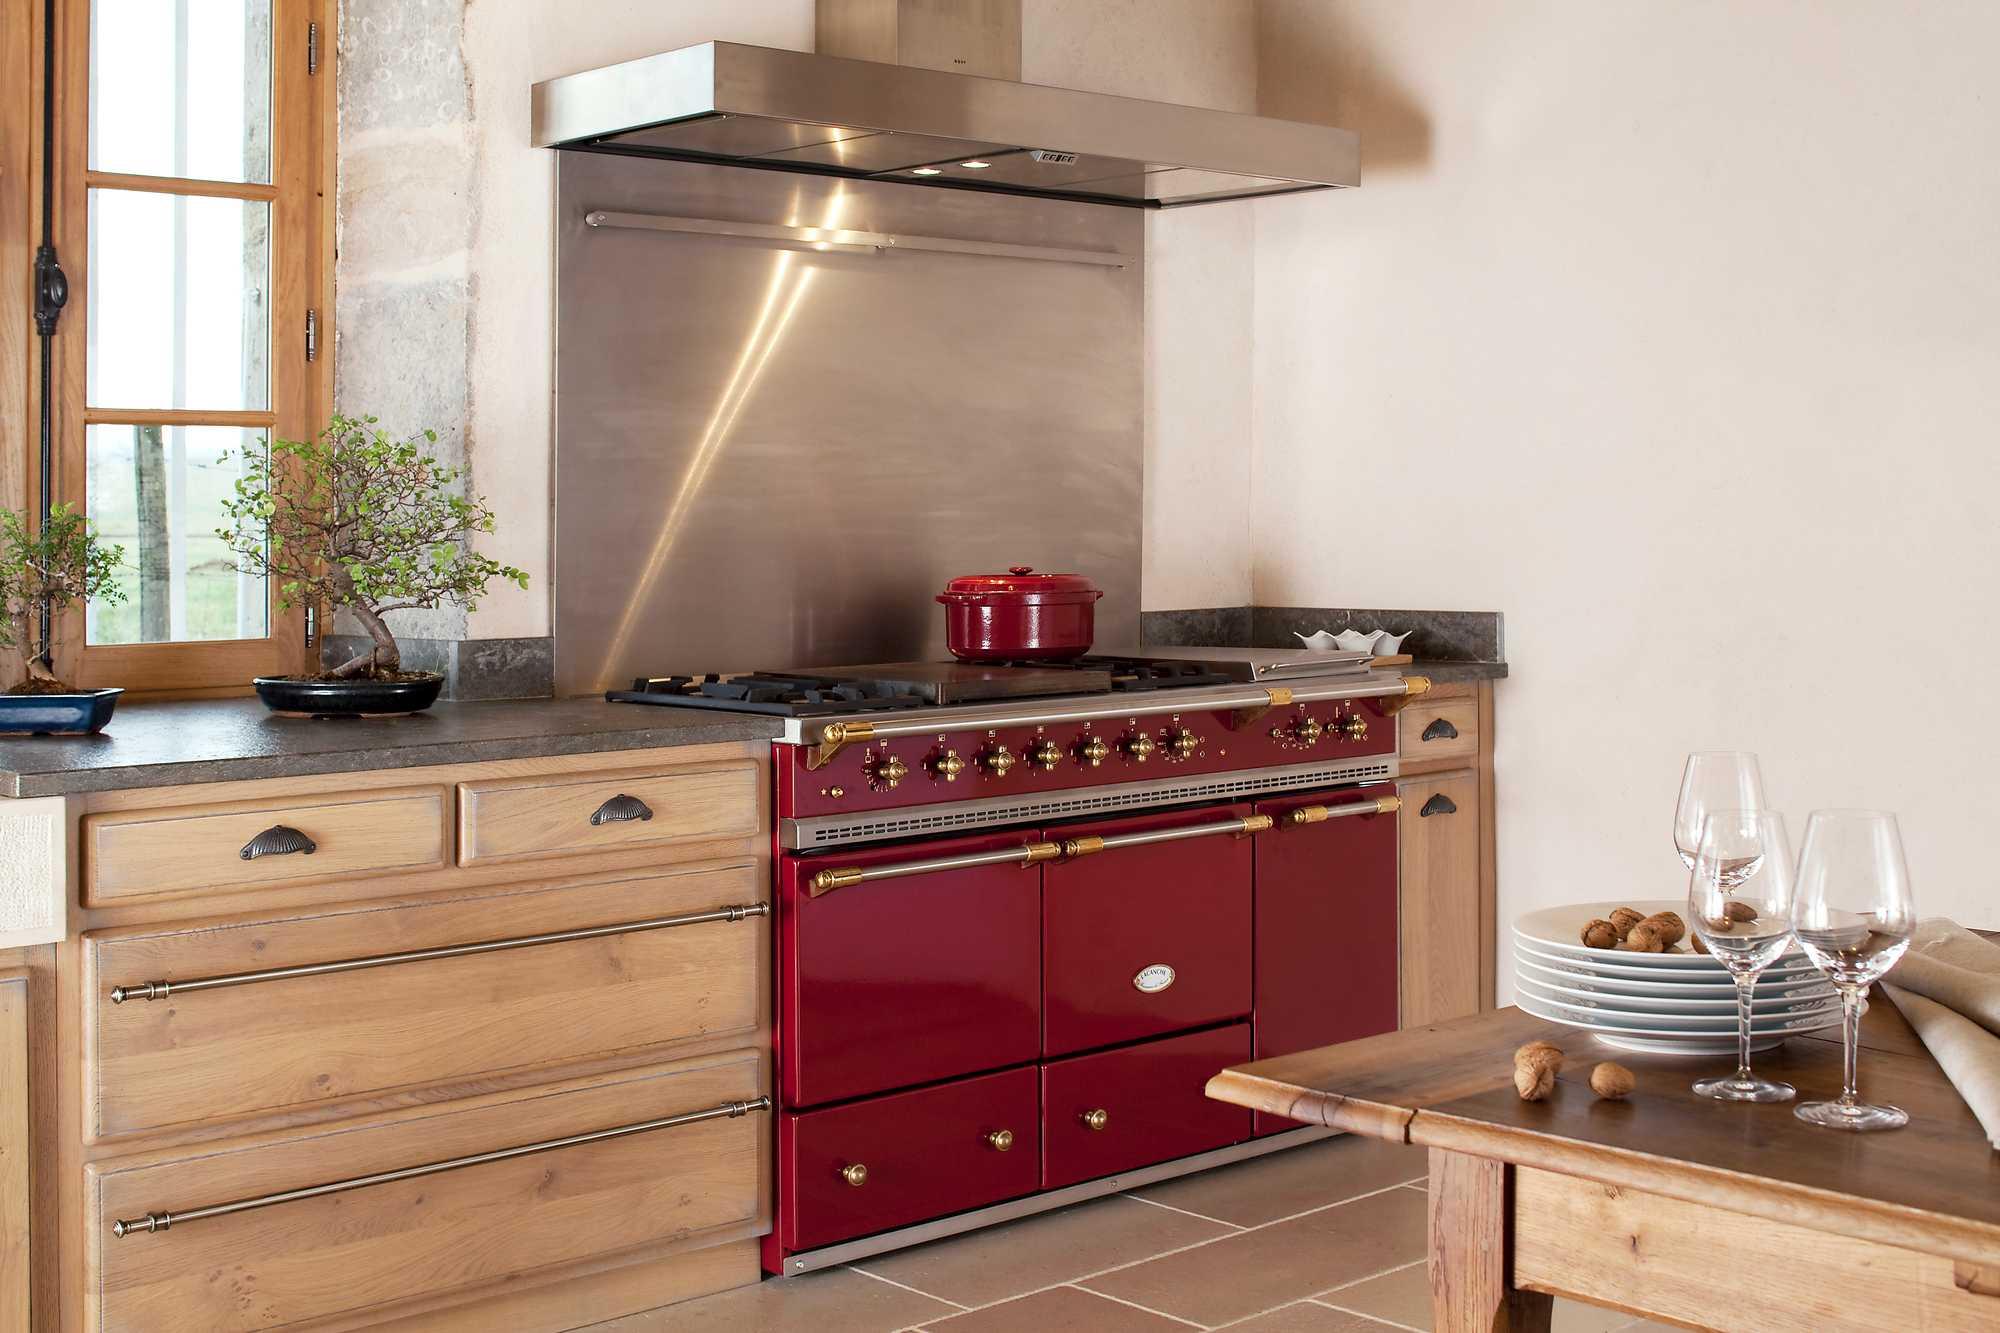 cuisinière rouge